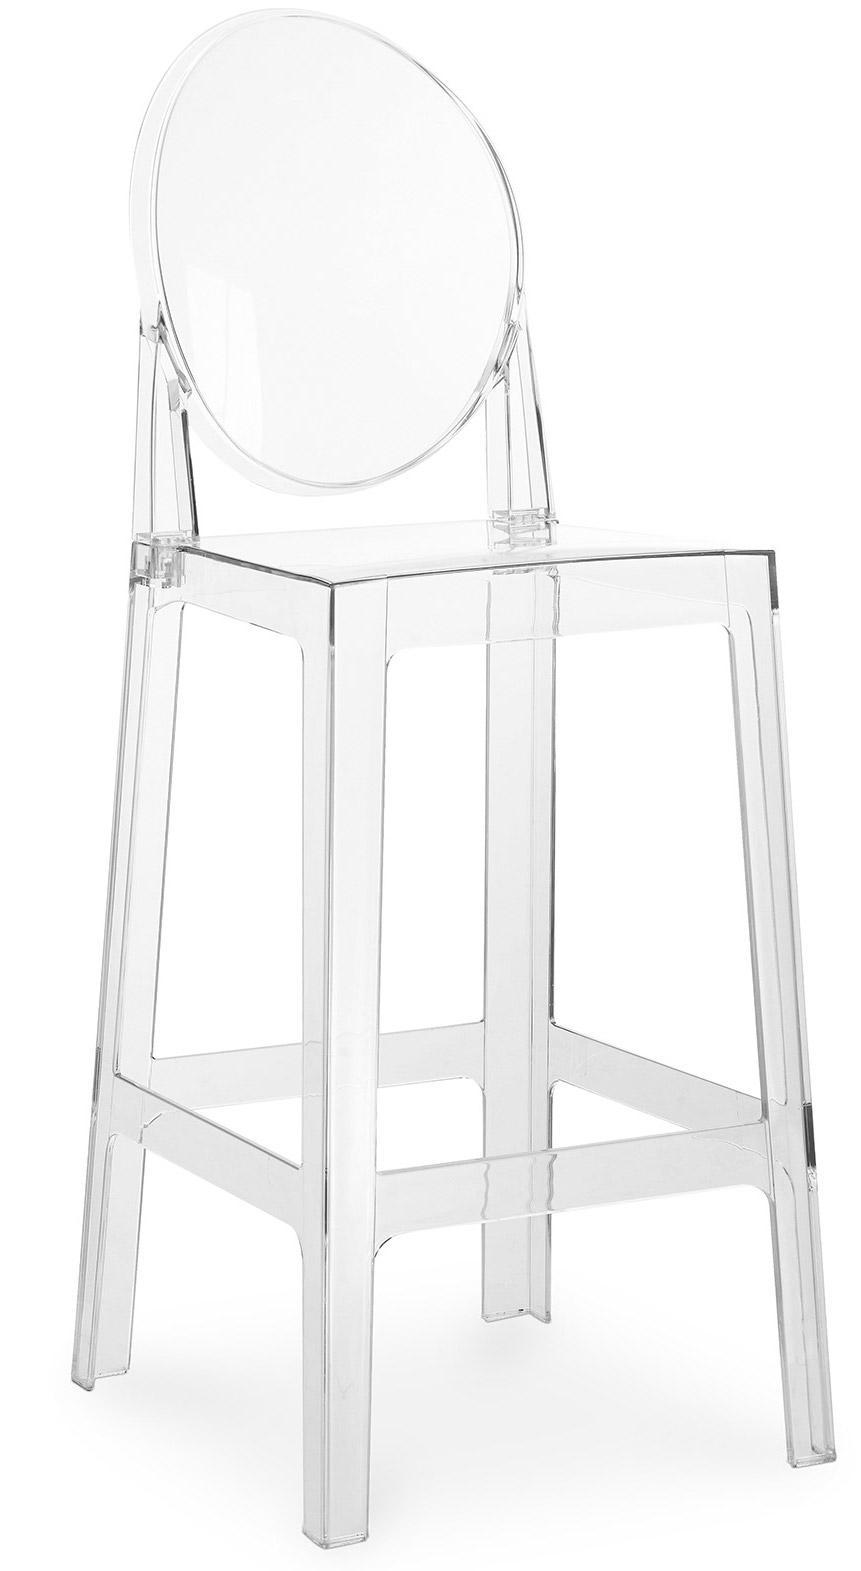 tabouret polycarbonate transparent inspir louis ghost 64. Black Bedroom Furniture Sets. Home Design Ideas